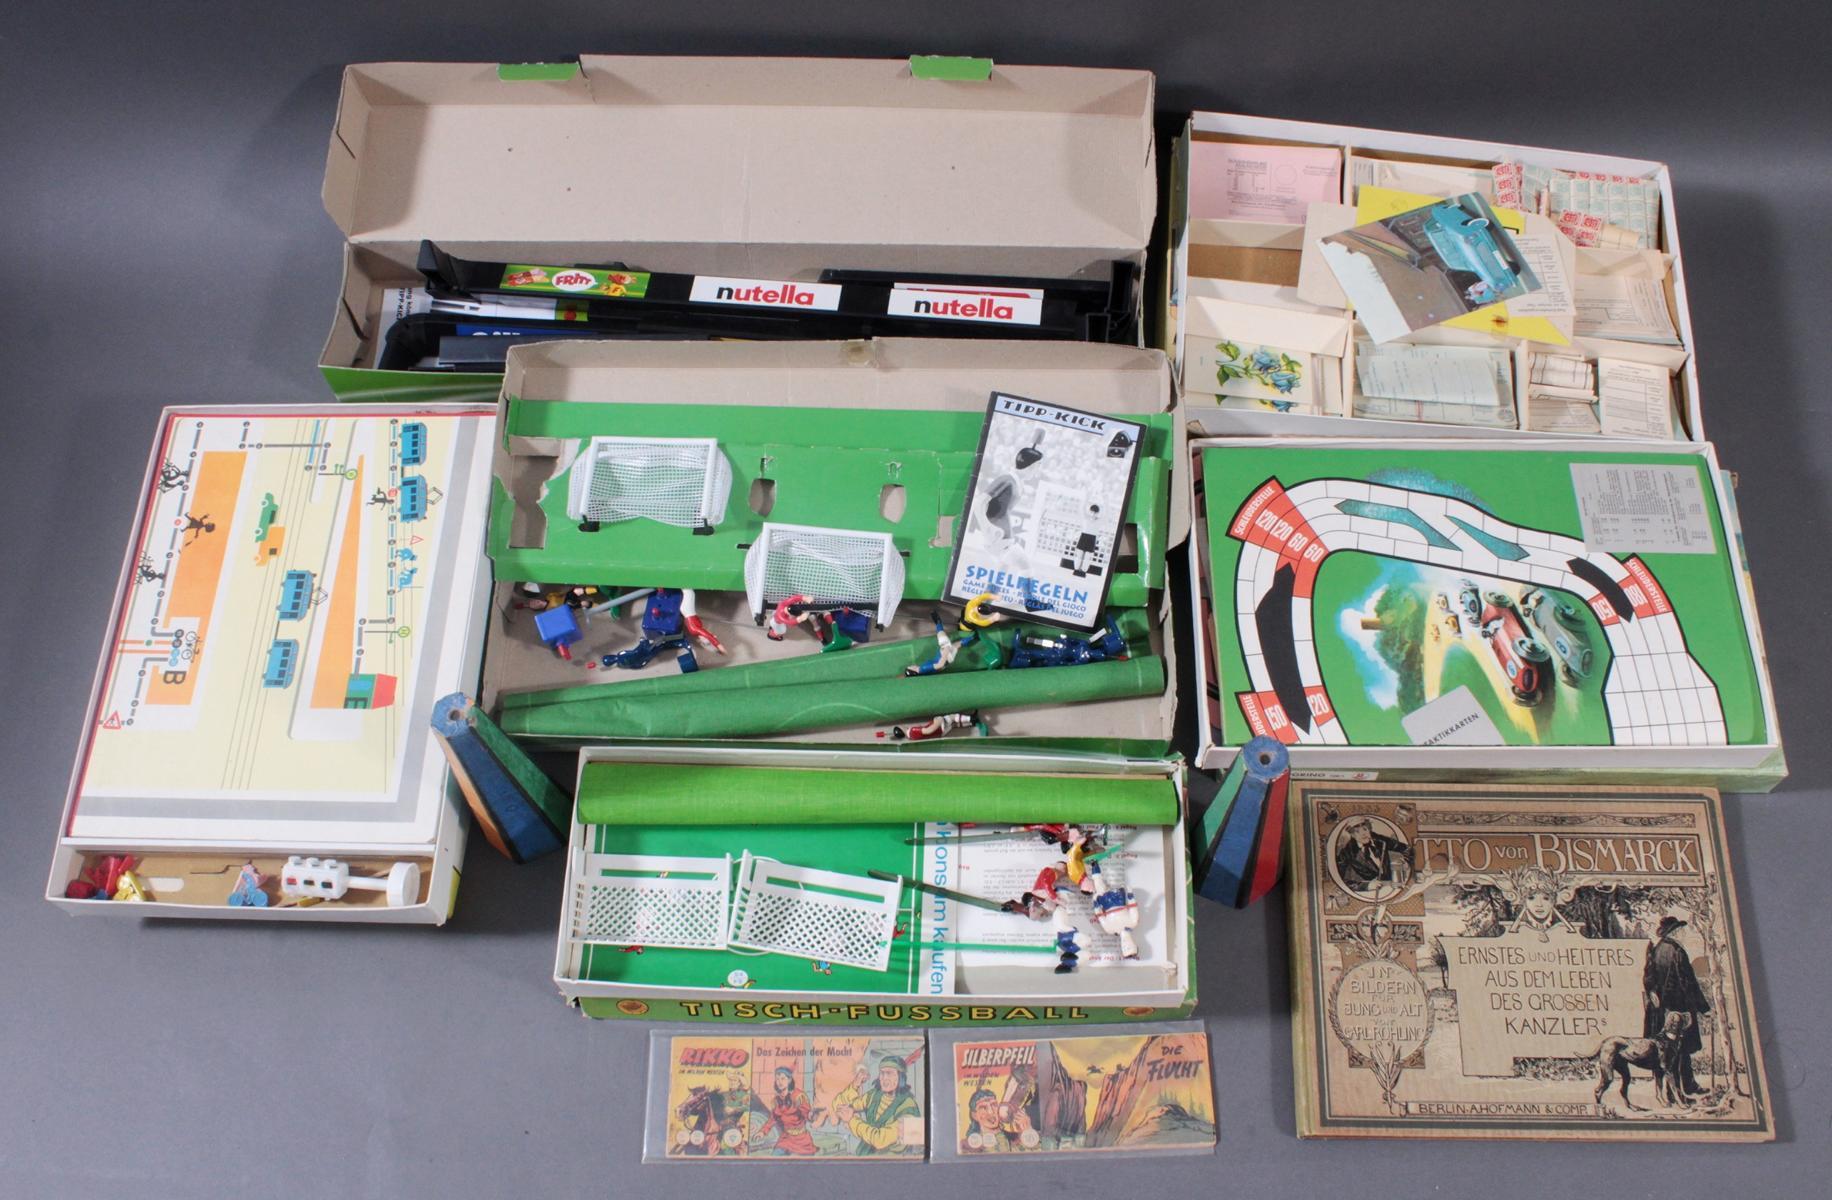 Spielesammlung aus den 50er/60er Jahren, Comics und Bücher